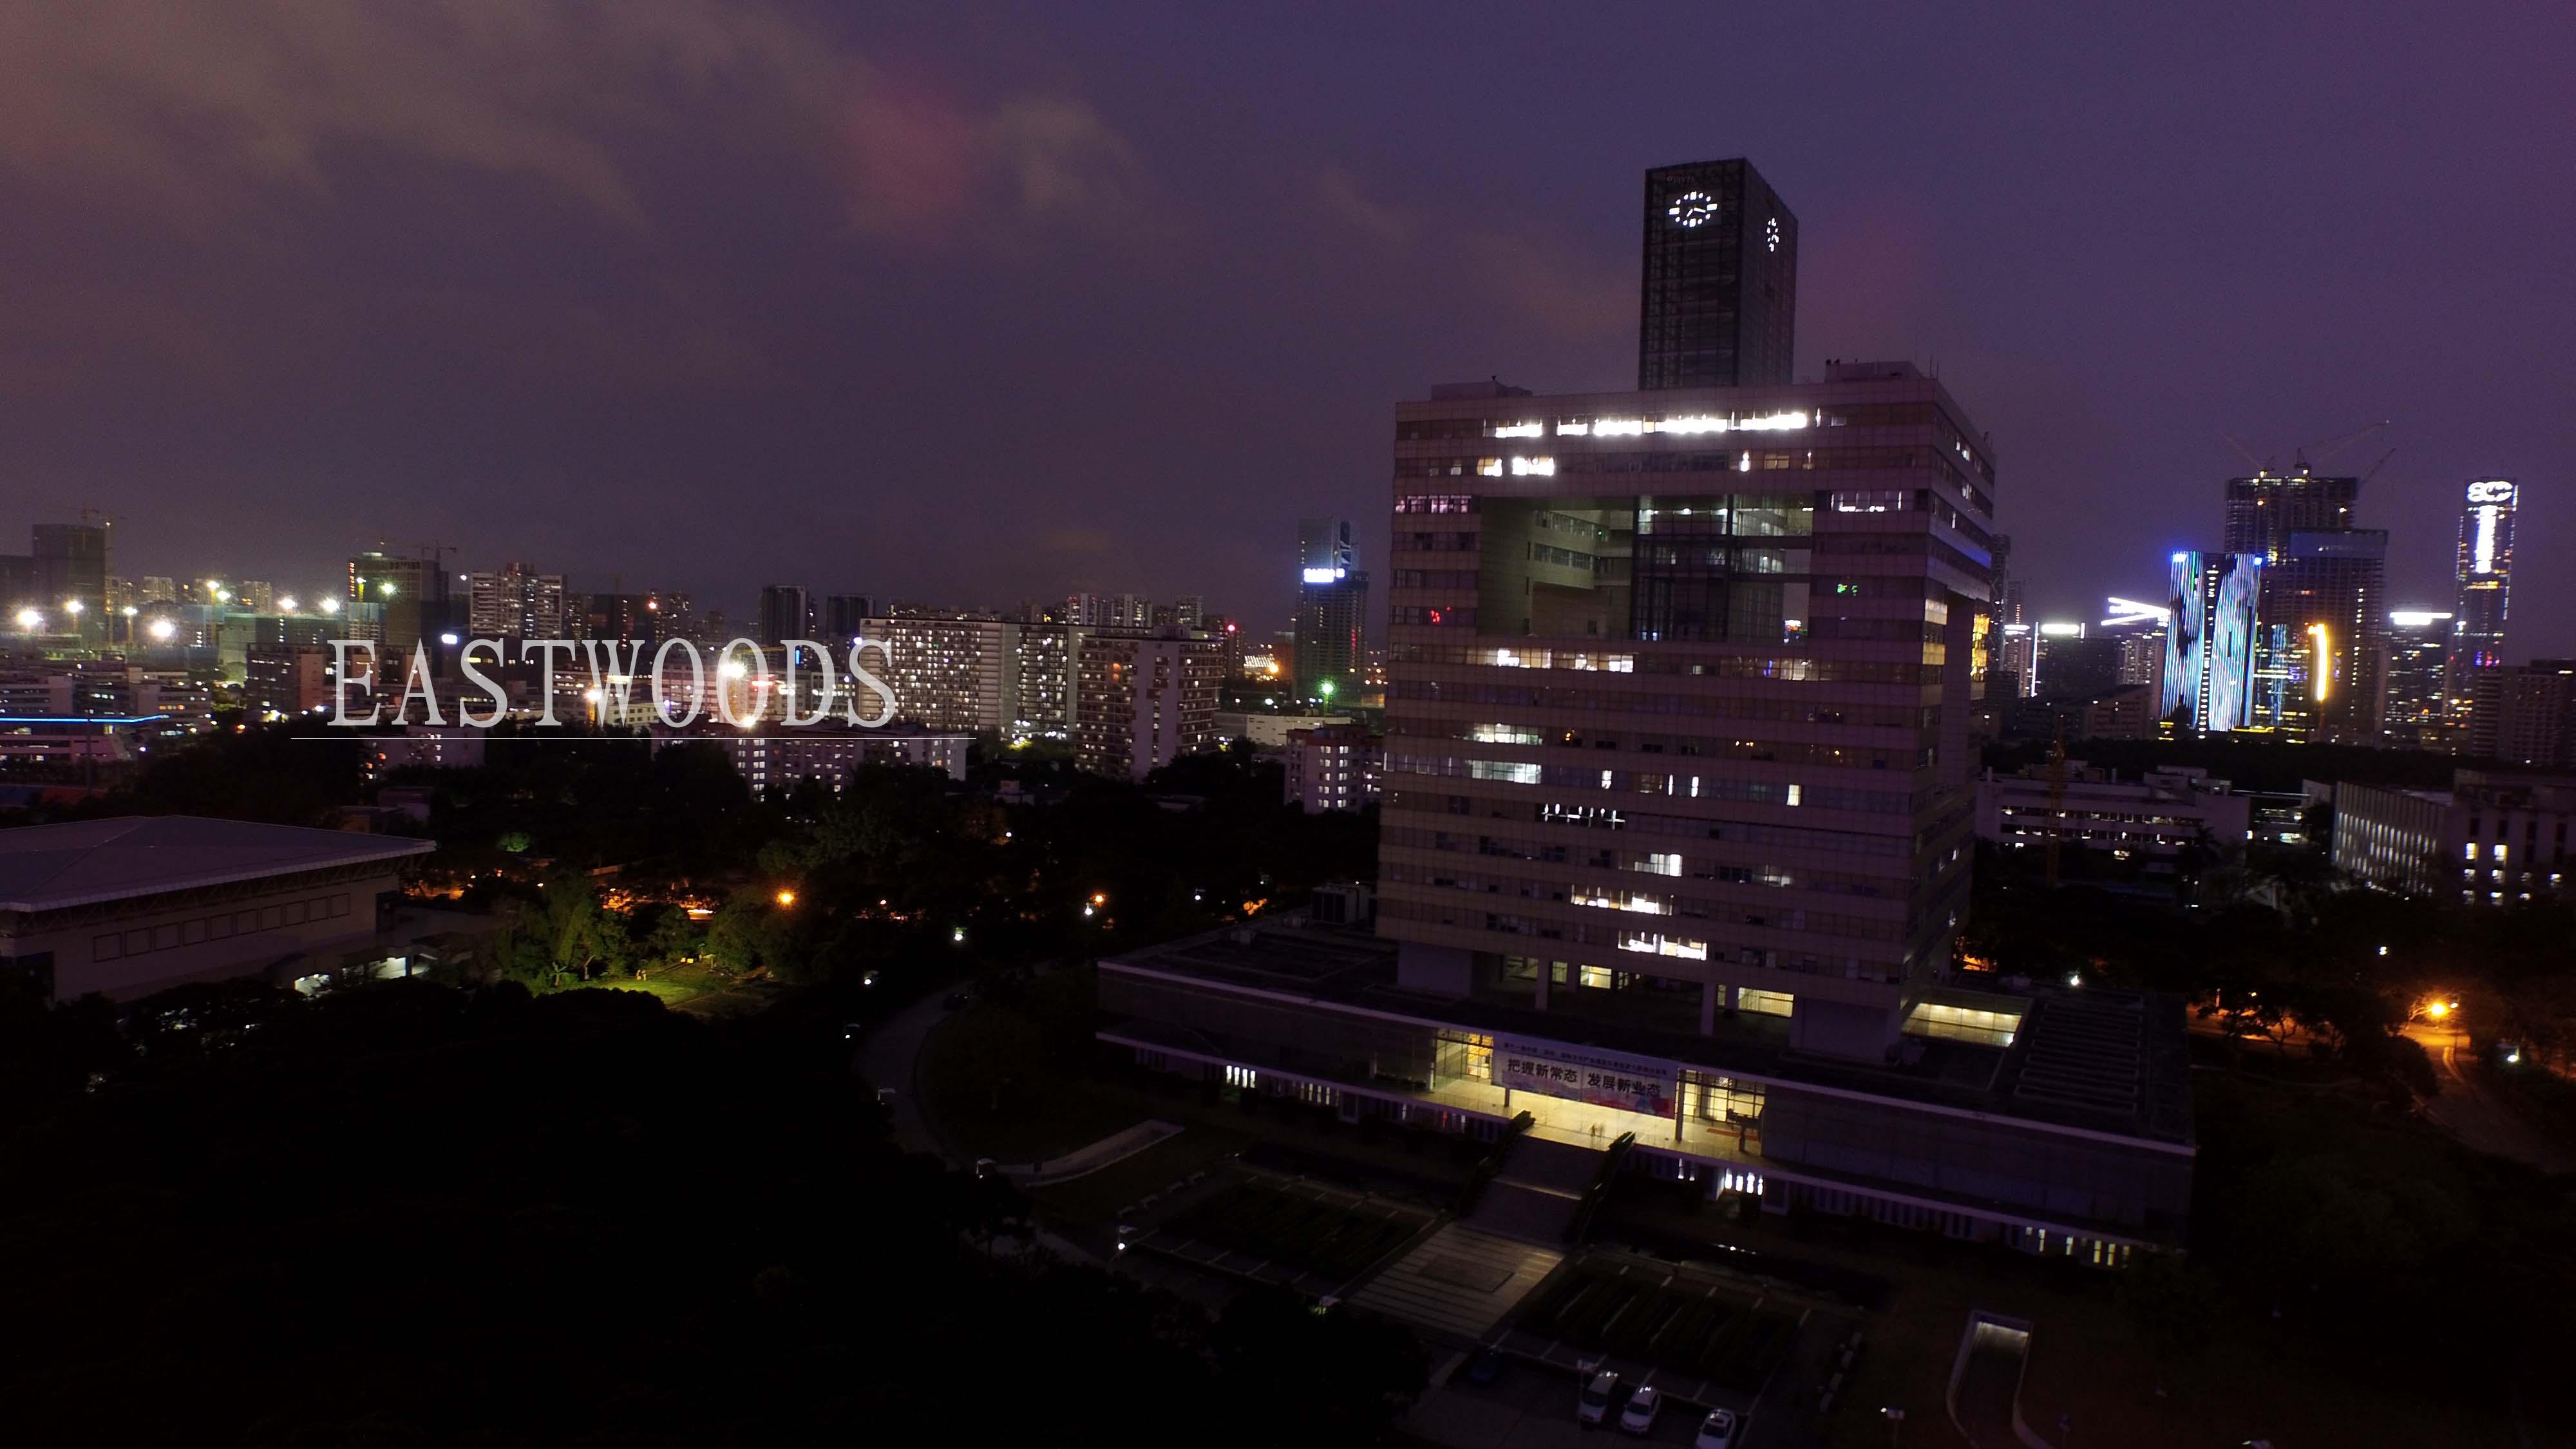 航拍科技楼夜景(2.5秒经过处理直出).jpg